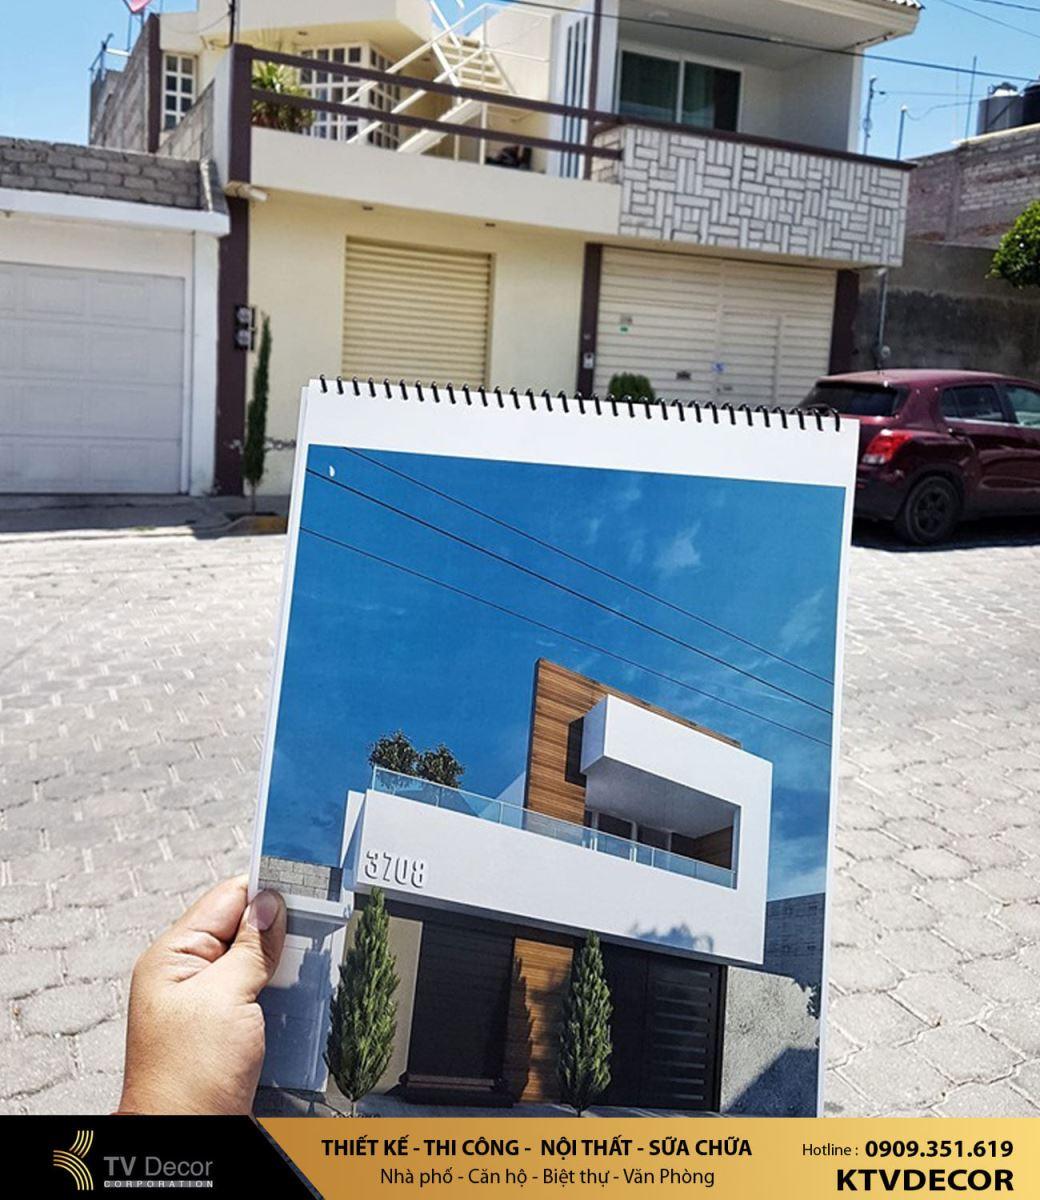 Báo giá thiết kế thi công xây dựng nhà phố tại TPHCM 2